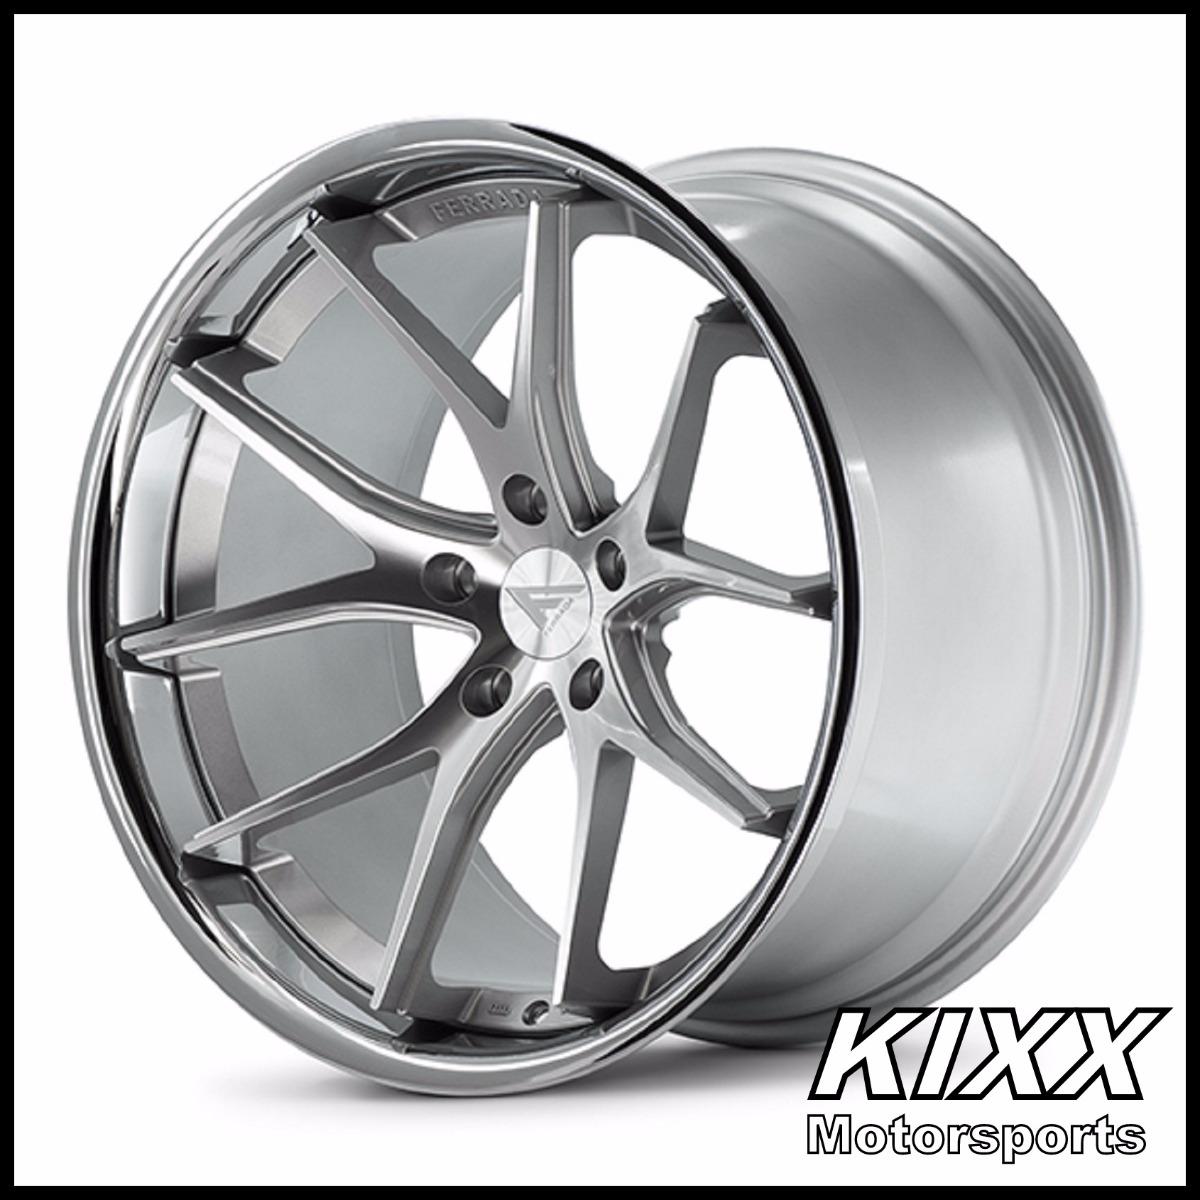 19 ferrada fr2 silver wheels for audi b8 a4 s4 ebay 2016 Audi R8 White 19 ferrada fr2 silver wheels for audi b8 a4 s4